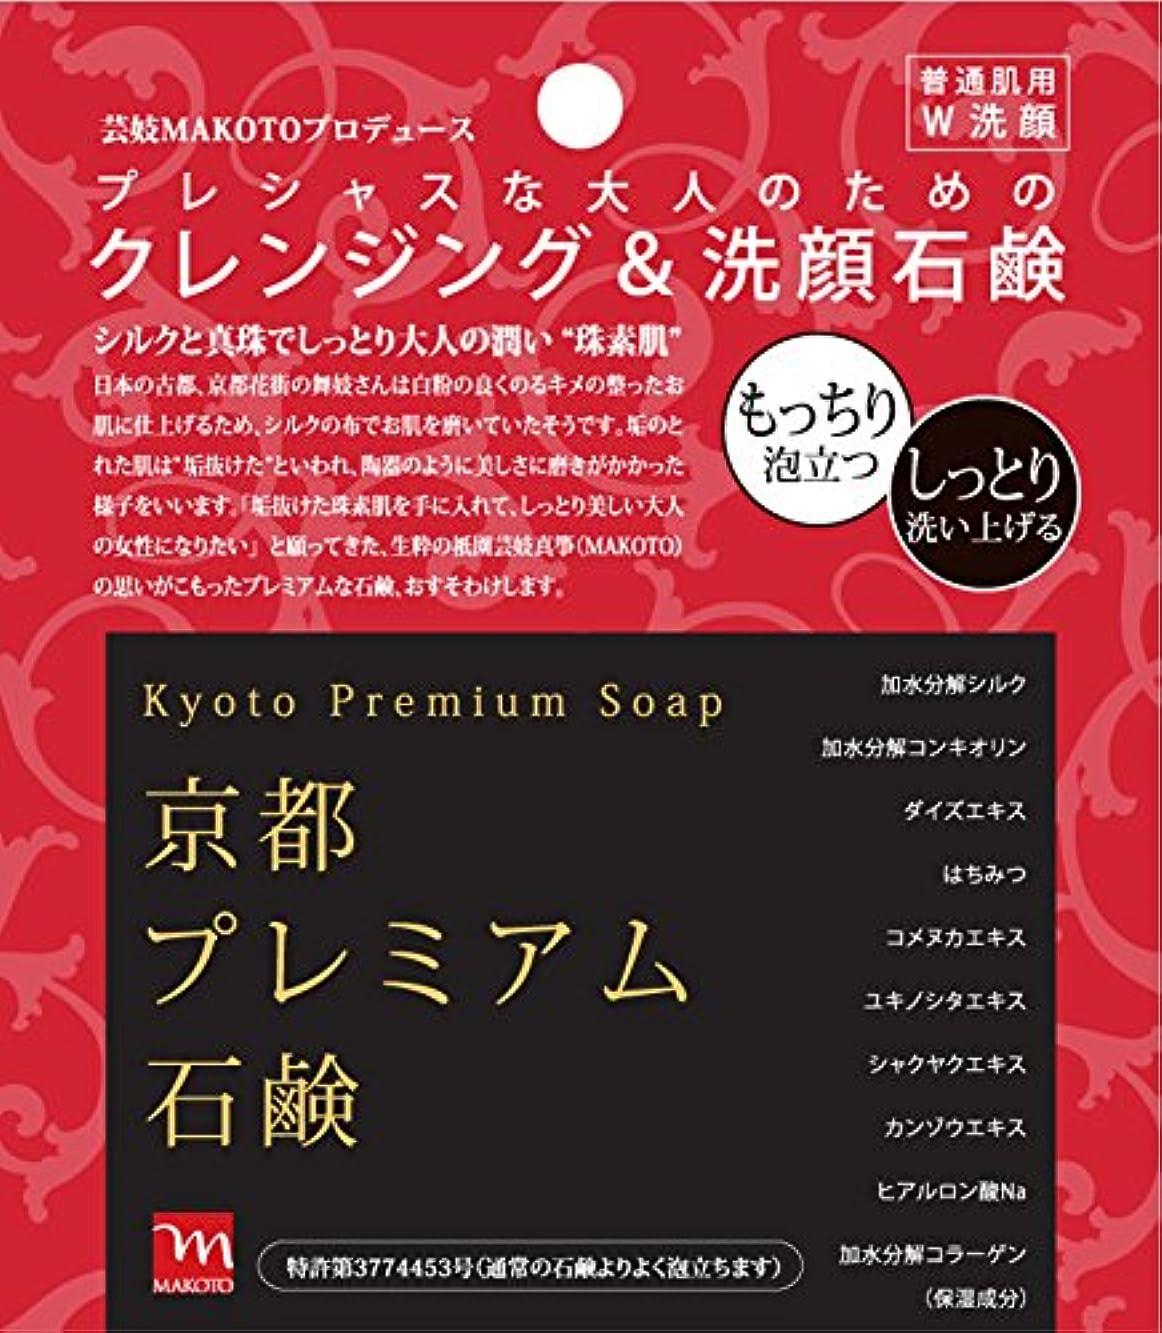 ブラシブラウンによると京都プレミアム石鹸 クレンジング&洗顔石鹸 しっとり もっちり 芸妓さん監修